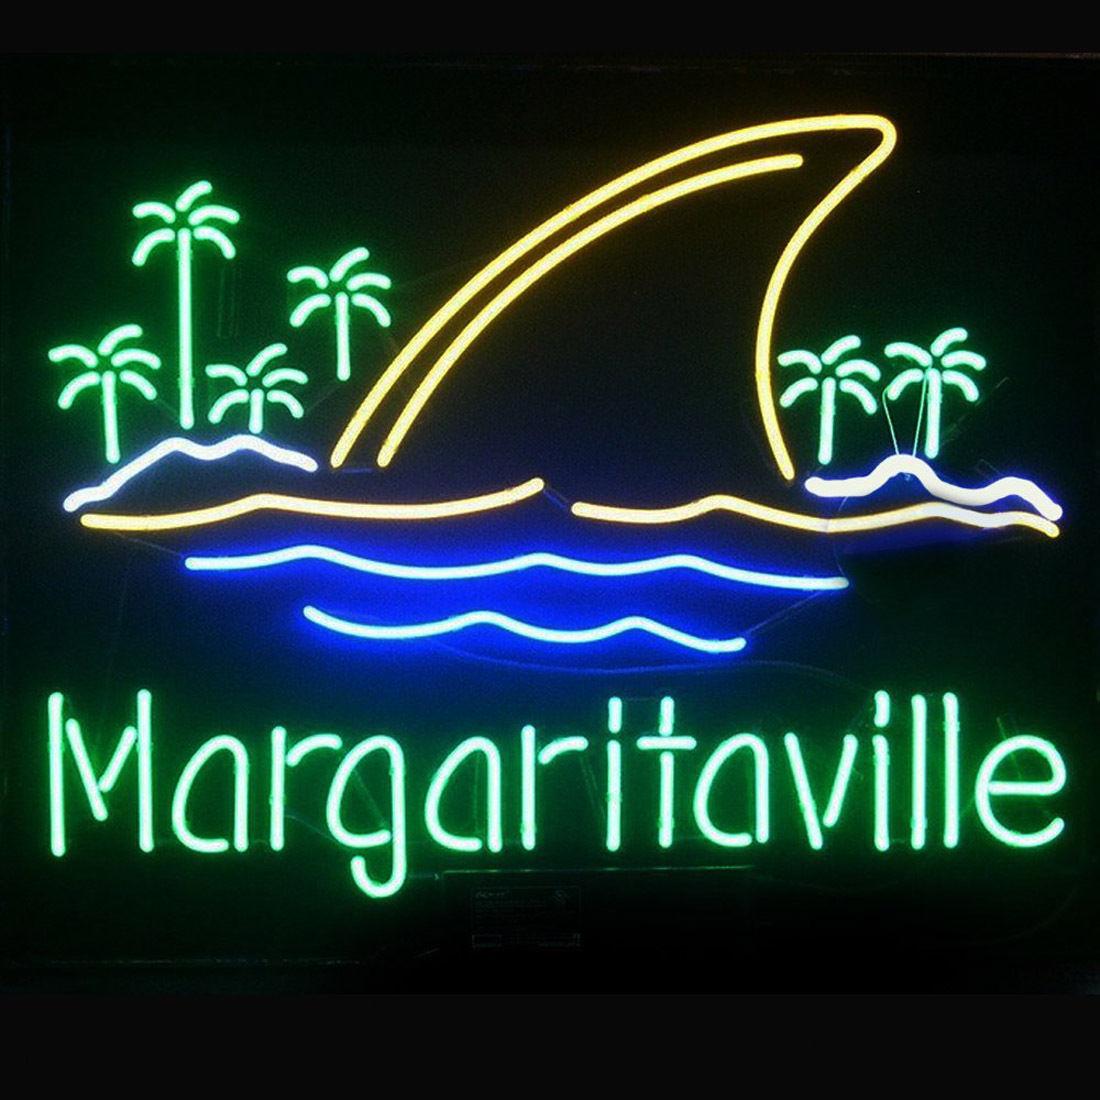 """New Jimmy Buffett Margaritaville Paradise Landshark Beer Neon Sign 24""""x20"""""""